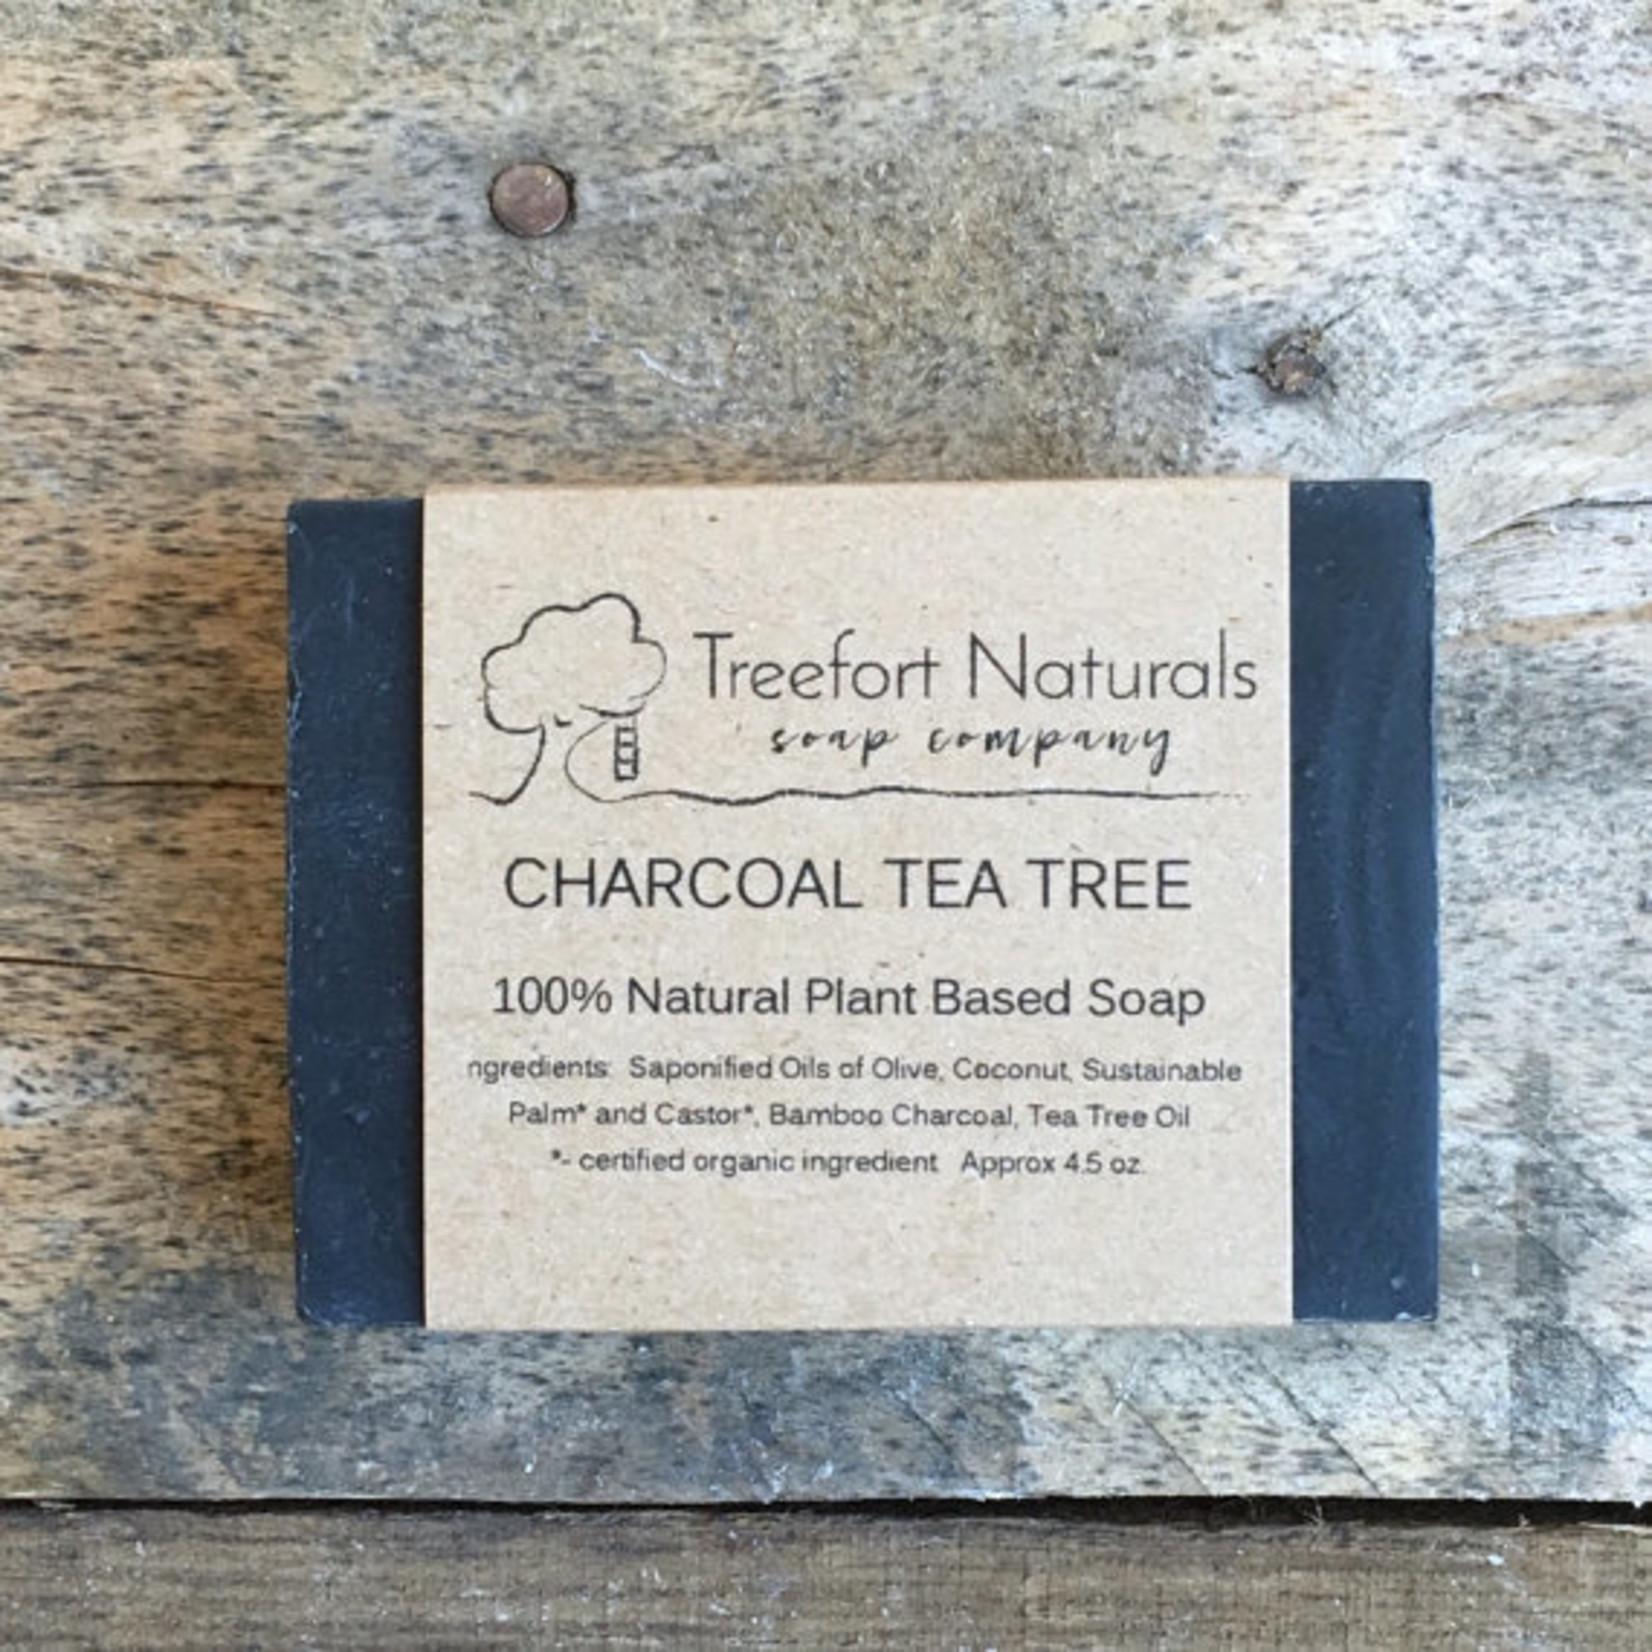 Treefort Naturals Treefort Naturals Charcoal Tea Tree Soap